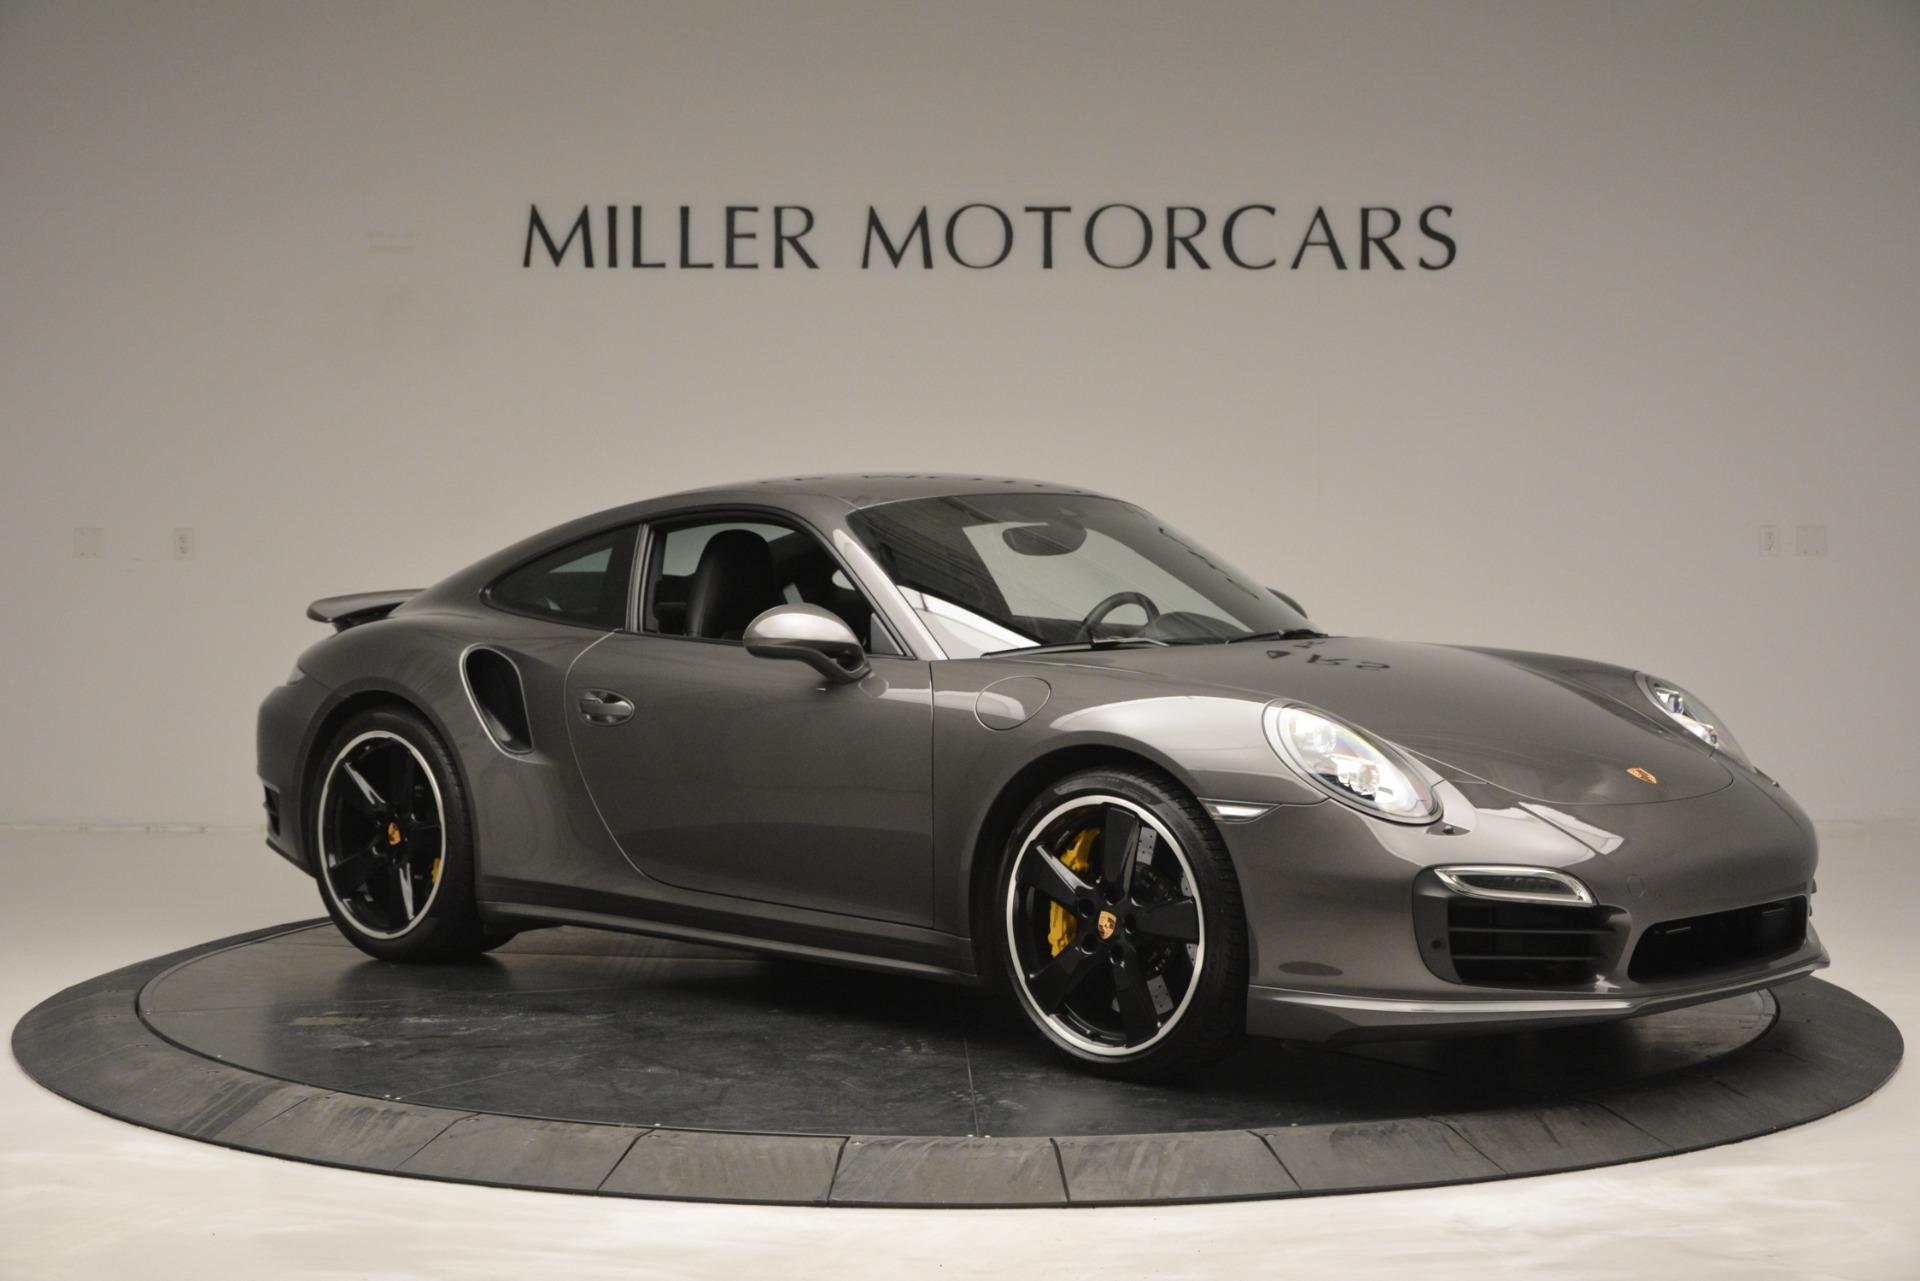 Used 2015 Porsche 911 Turbo S For Sale In Westport, CT 2923_p10